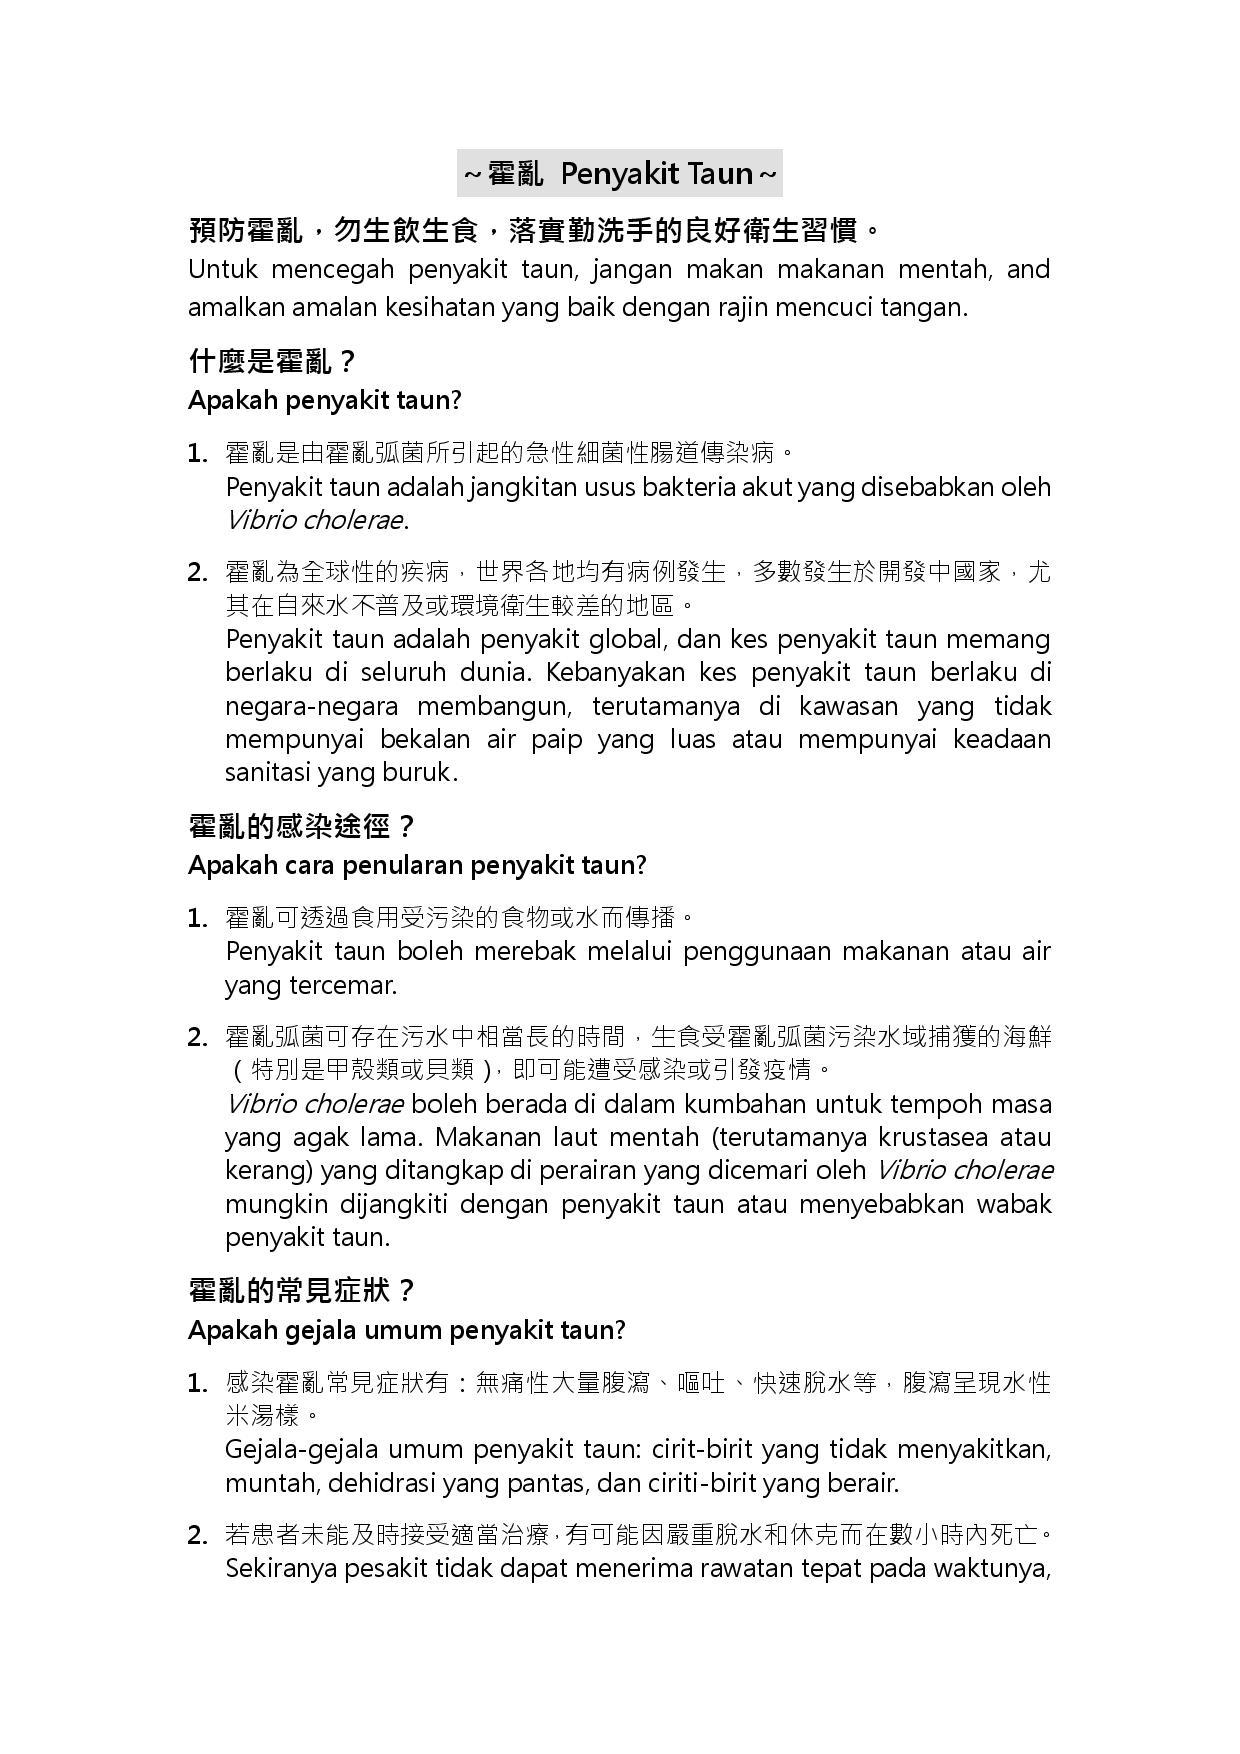 詳如附件【klik saya】Untuk mencegah penyakit taun(Halaman 1)預防霍亂,勿生飲生食,落實勤洗手的良好衛生習慣(馬來文)